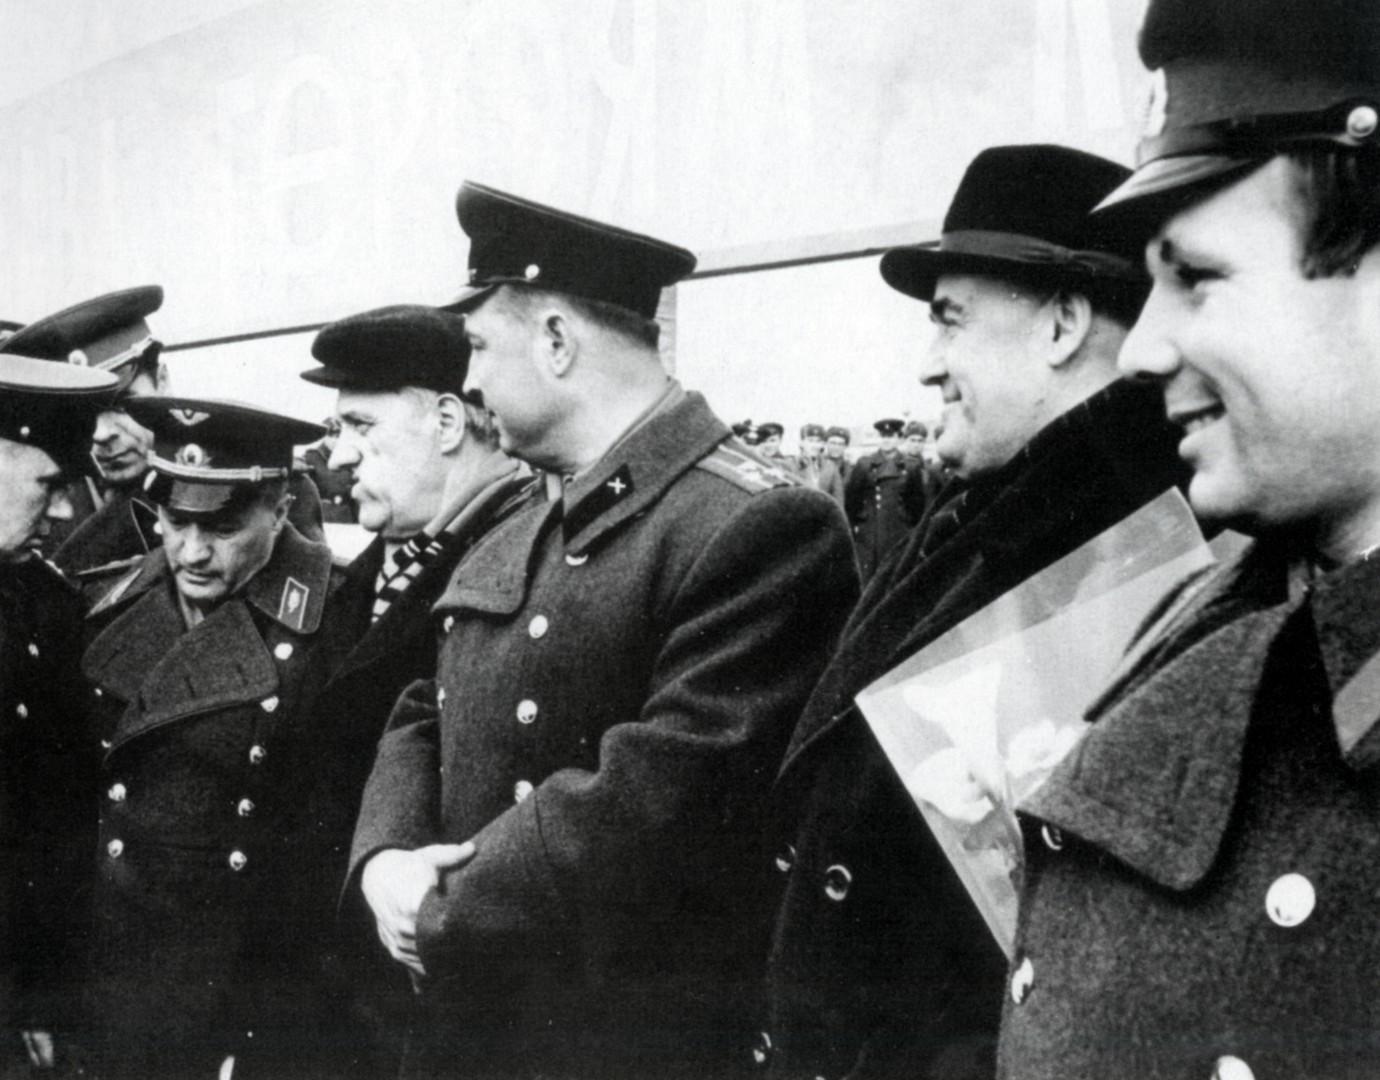 Справа налево: лётчик-космонавт Ю.А. Гагарин, главный конструктор  С.П. Королёв, начальник космодрома А.Г. Захаров, руководитель НИИ-885 Н.А. Пилюгин, директор НИИ-88 Ю.А. Мозжорин. Космодром Байконур. 1961 г.